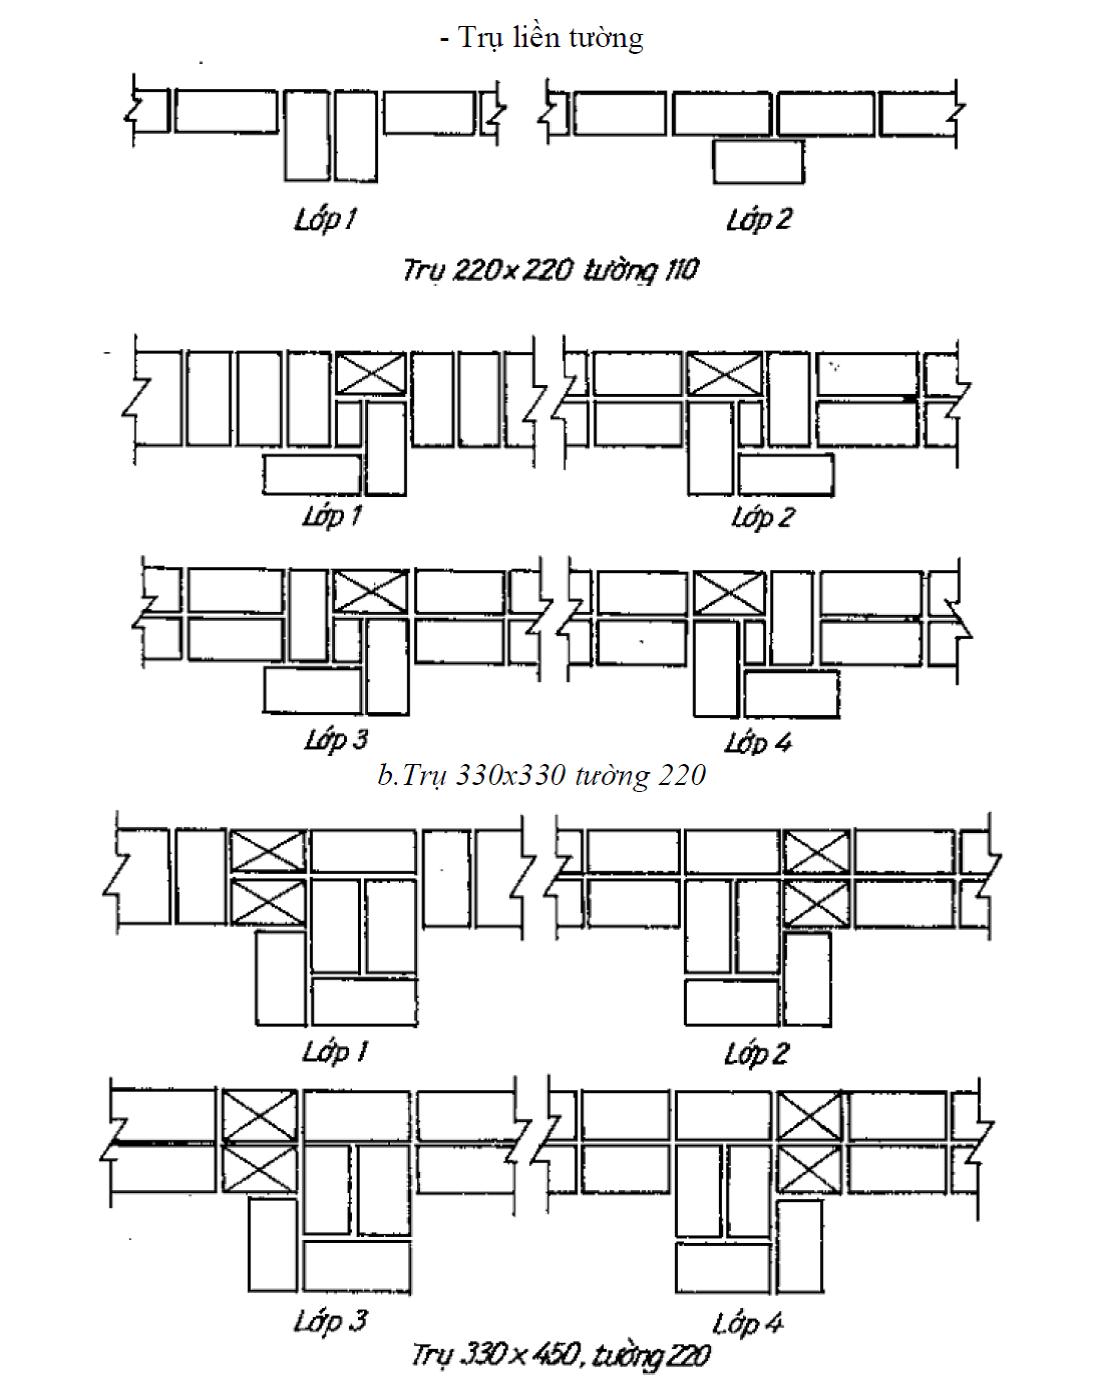 Kỹ thuật xây dựng trụ tiết diện vuông, chữ nhật nhà phố, biệt thự đẹp 2